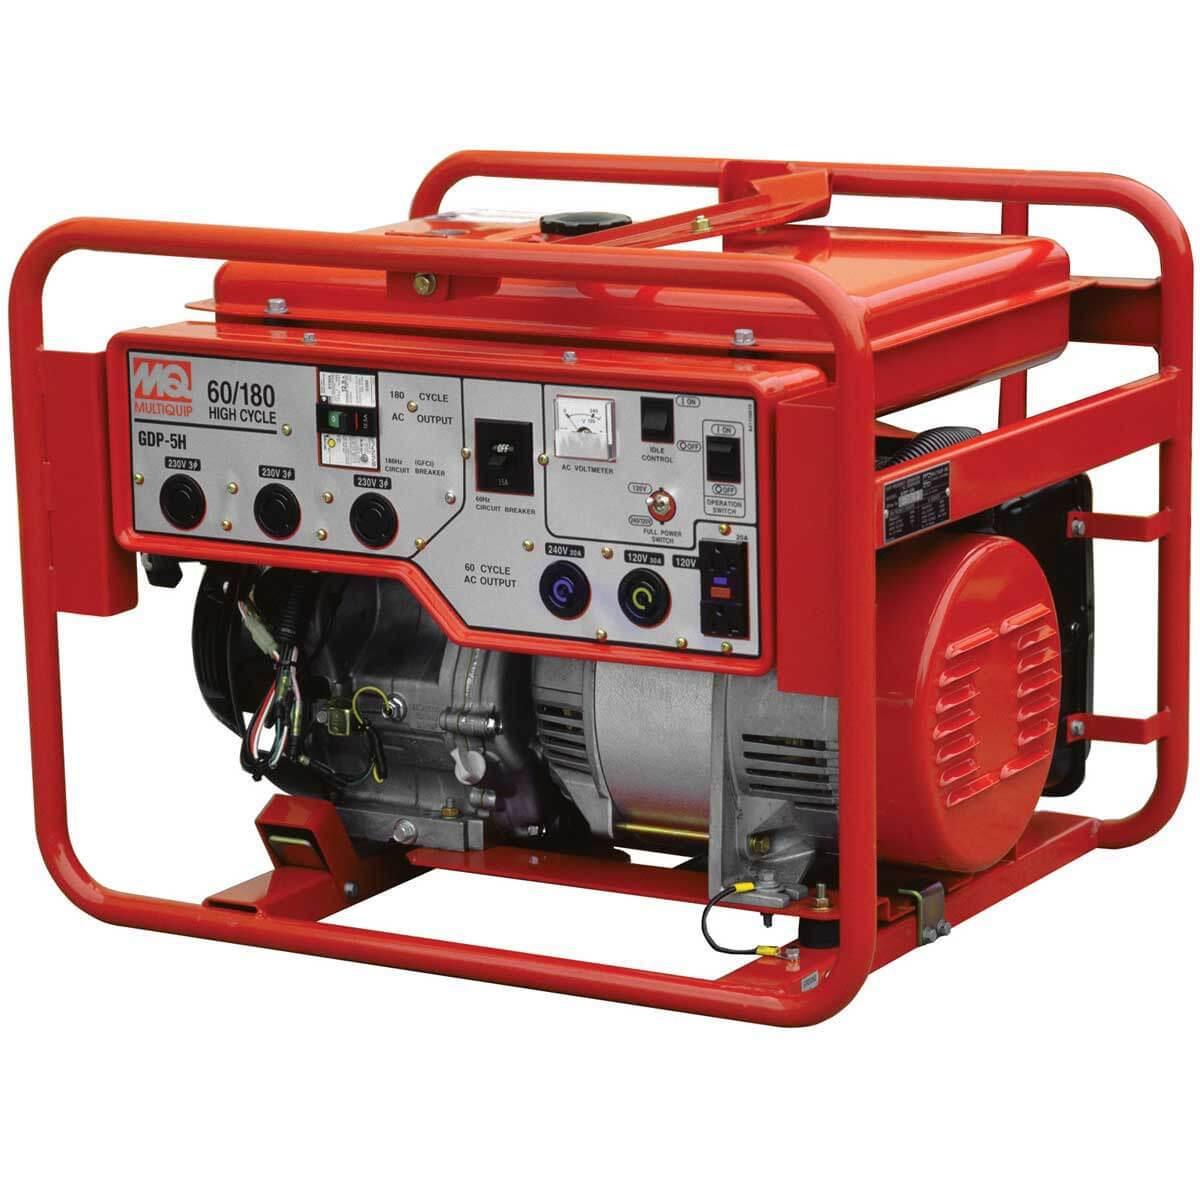 multiquip GDP5HA 4,000 watt generator